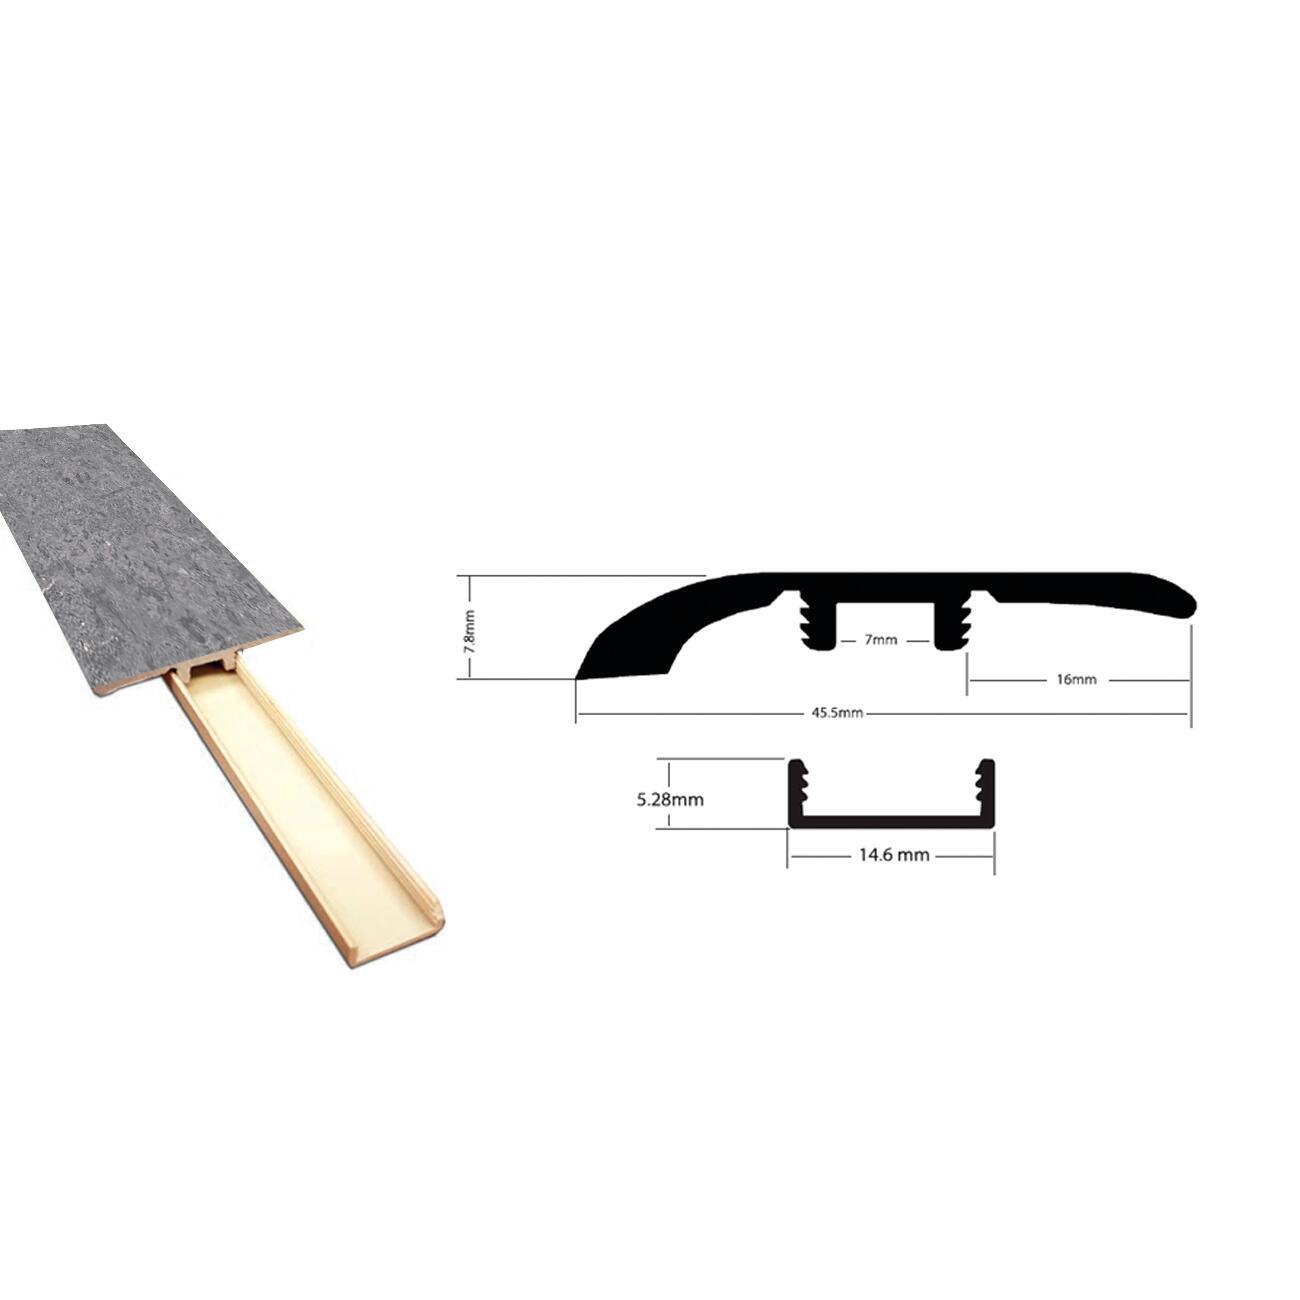 Profilo soglia 45.5 mm x 240 cm - 2